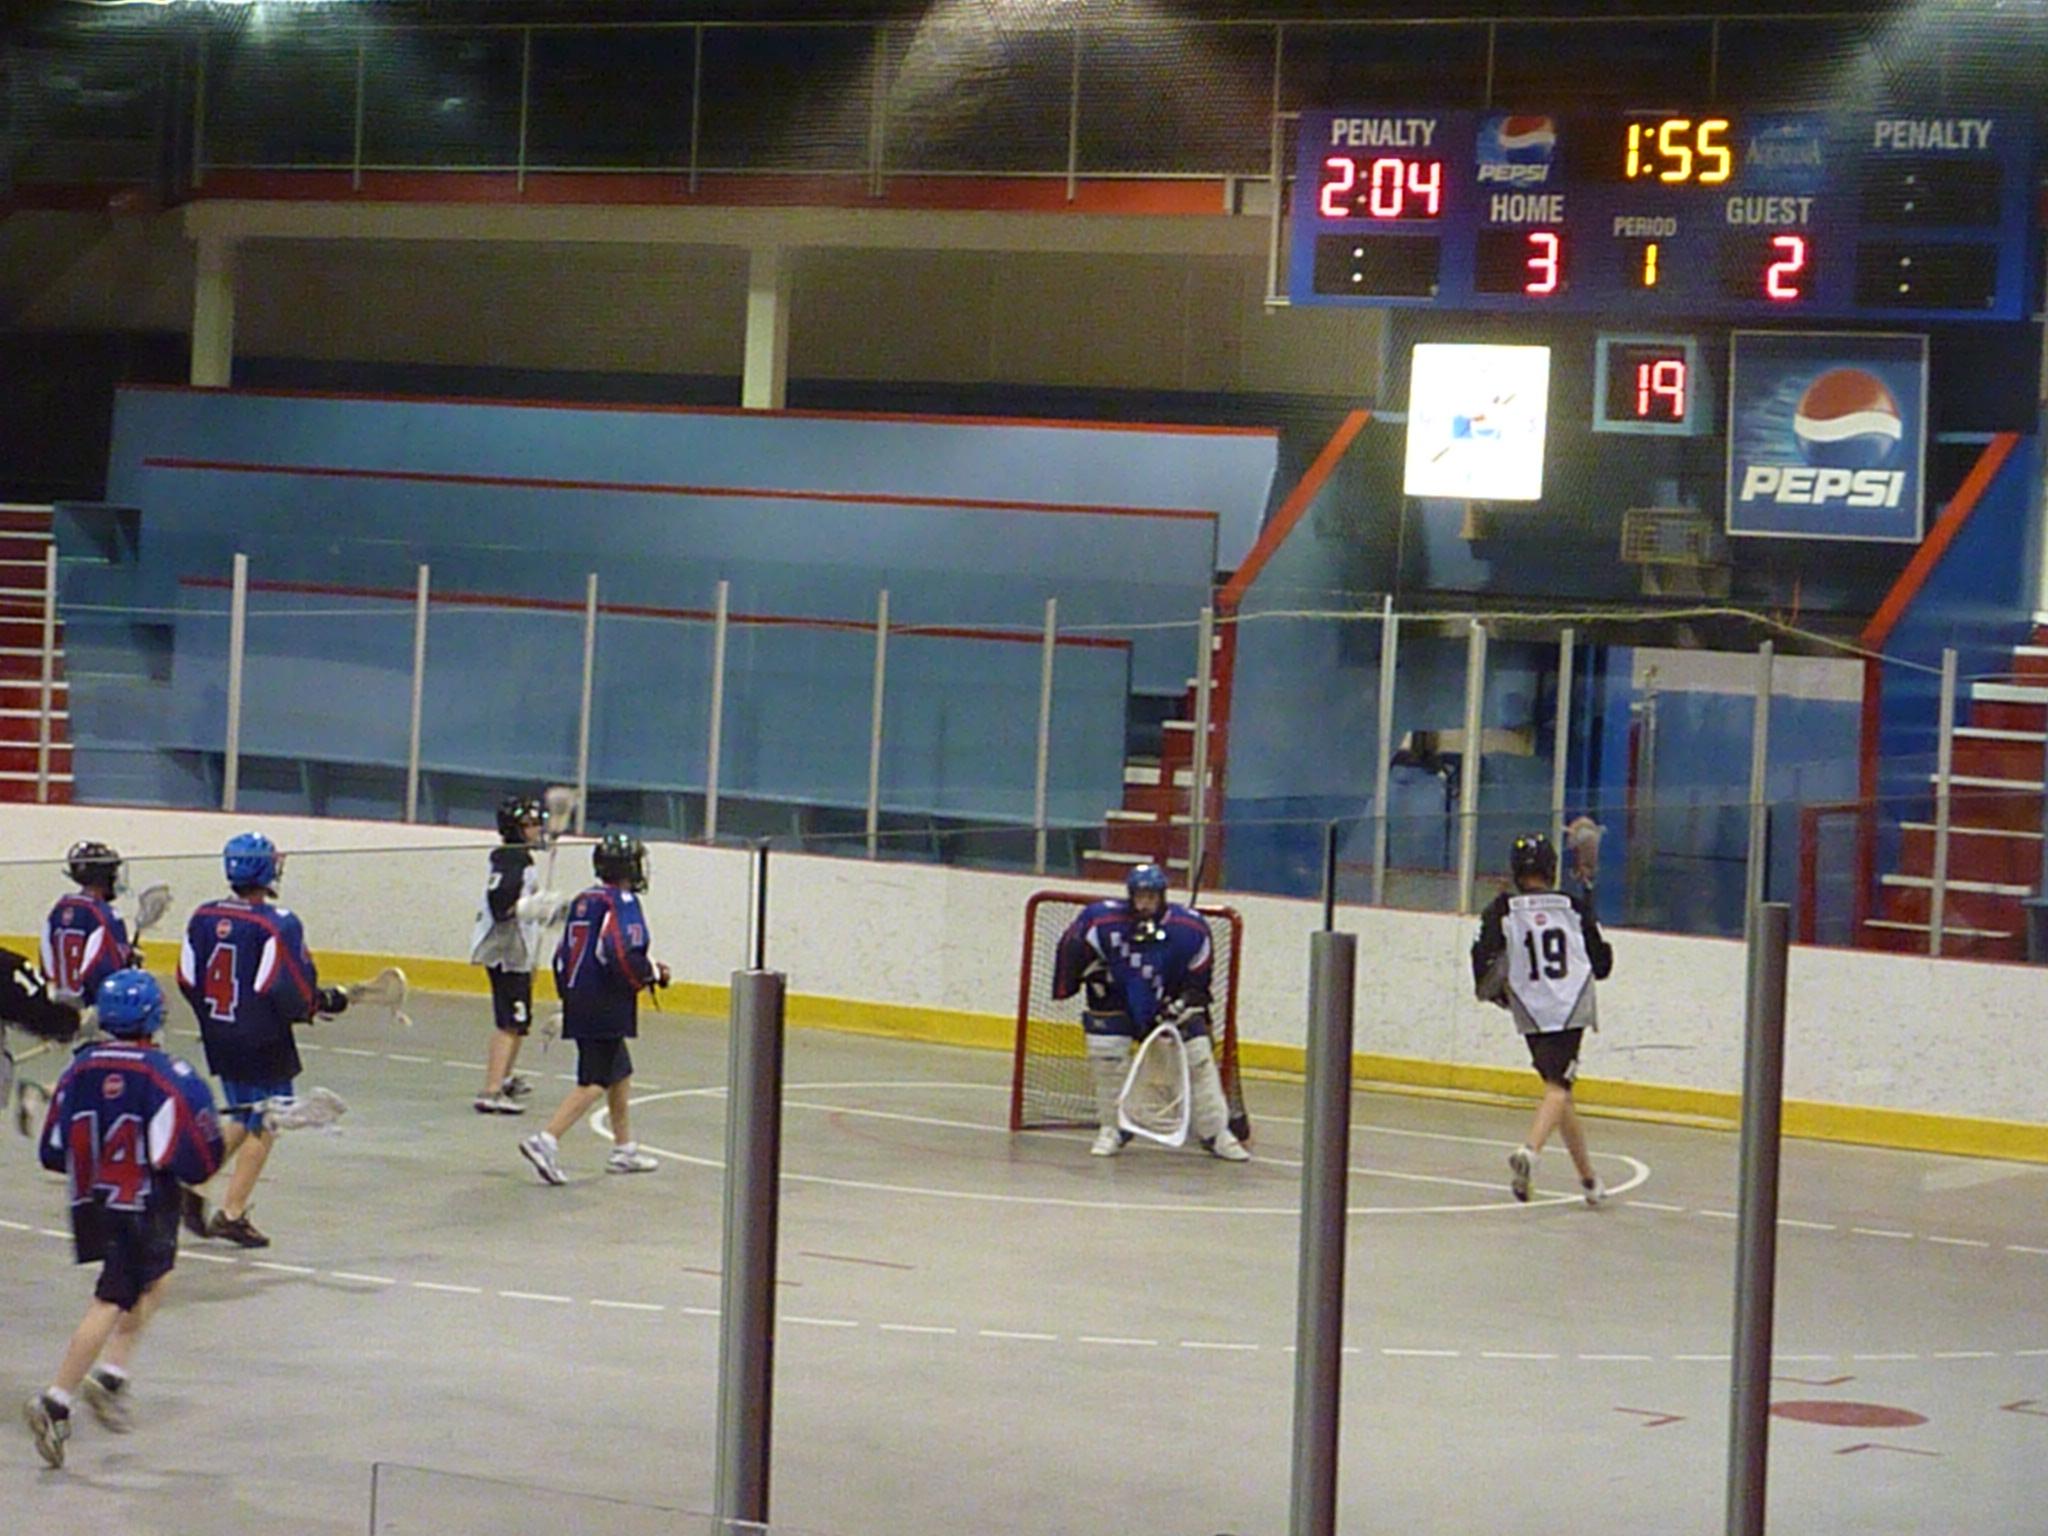 Kelowna Bantam lacrosse game!